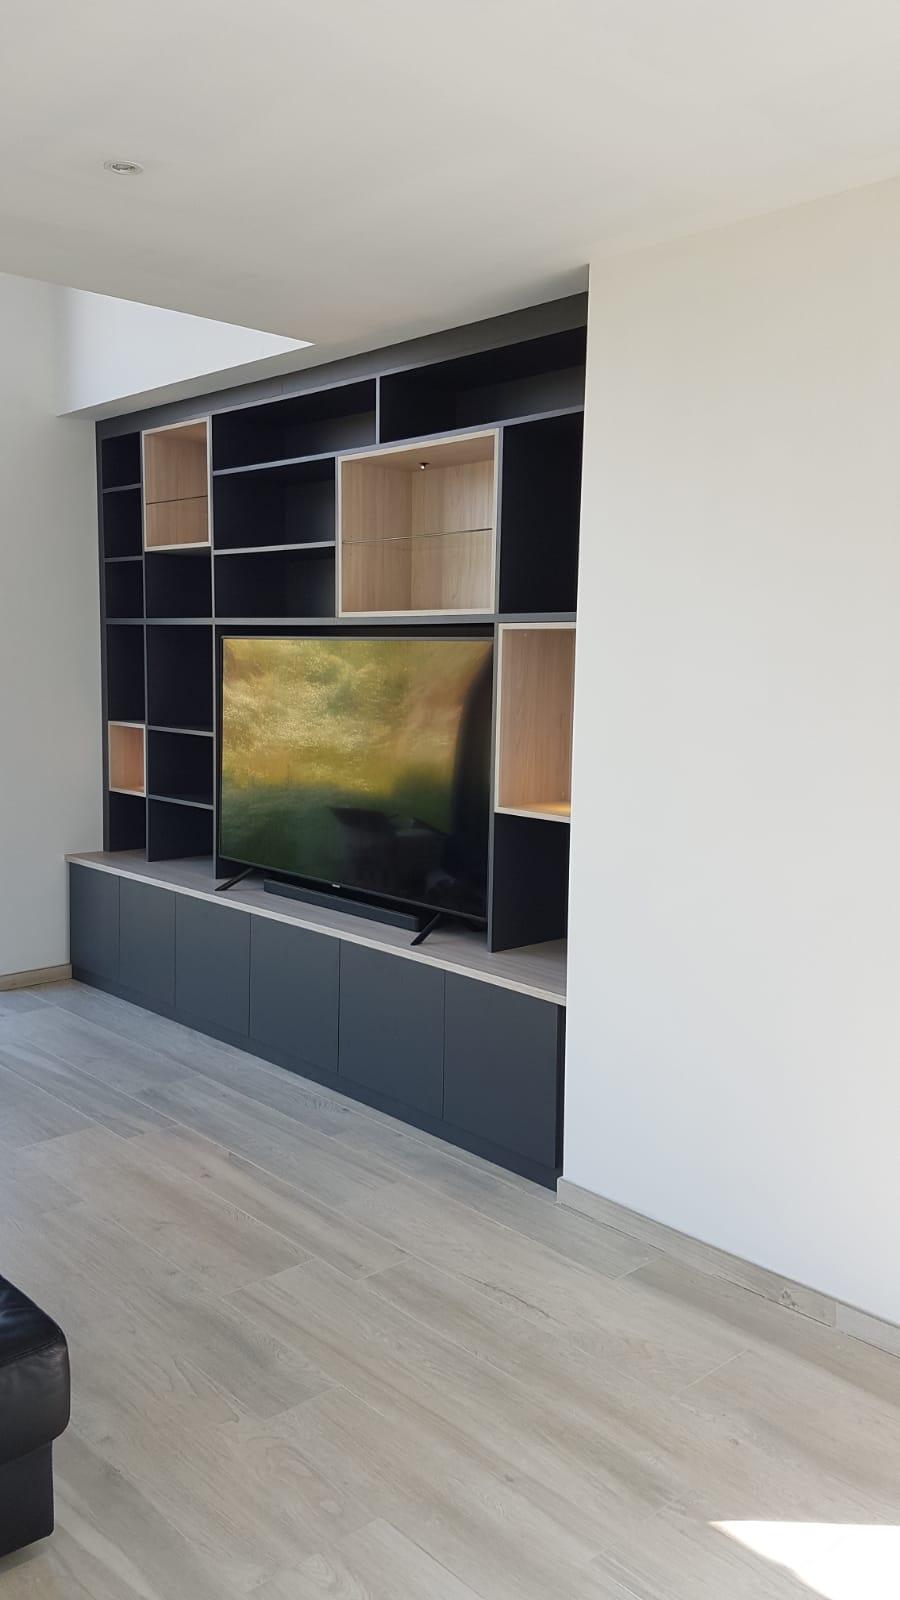 meuble tv entre deux murs kiosque